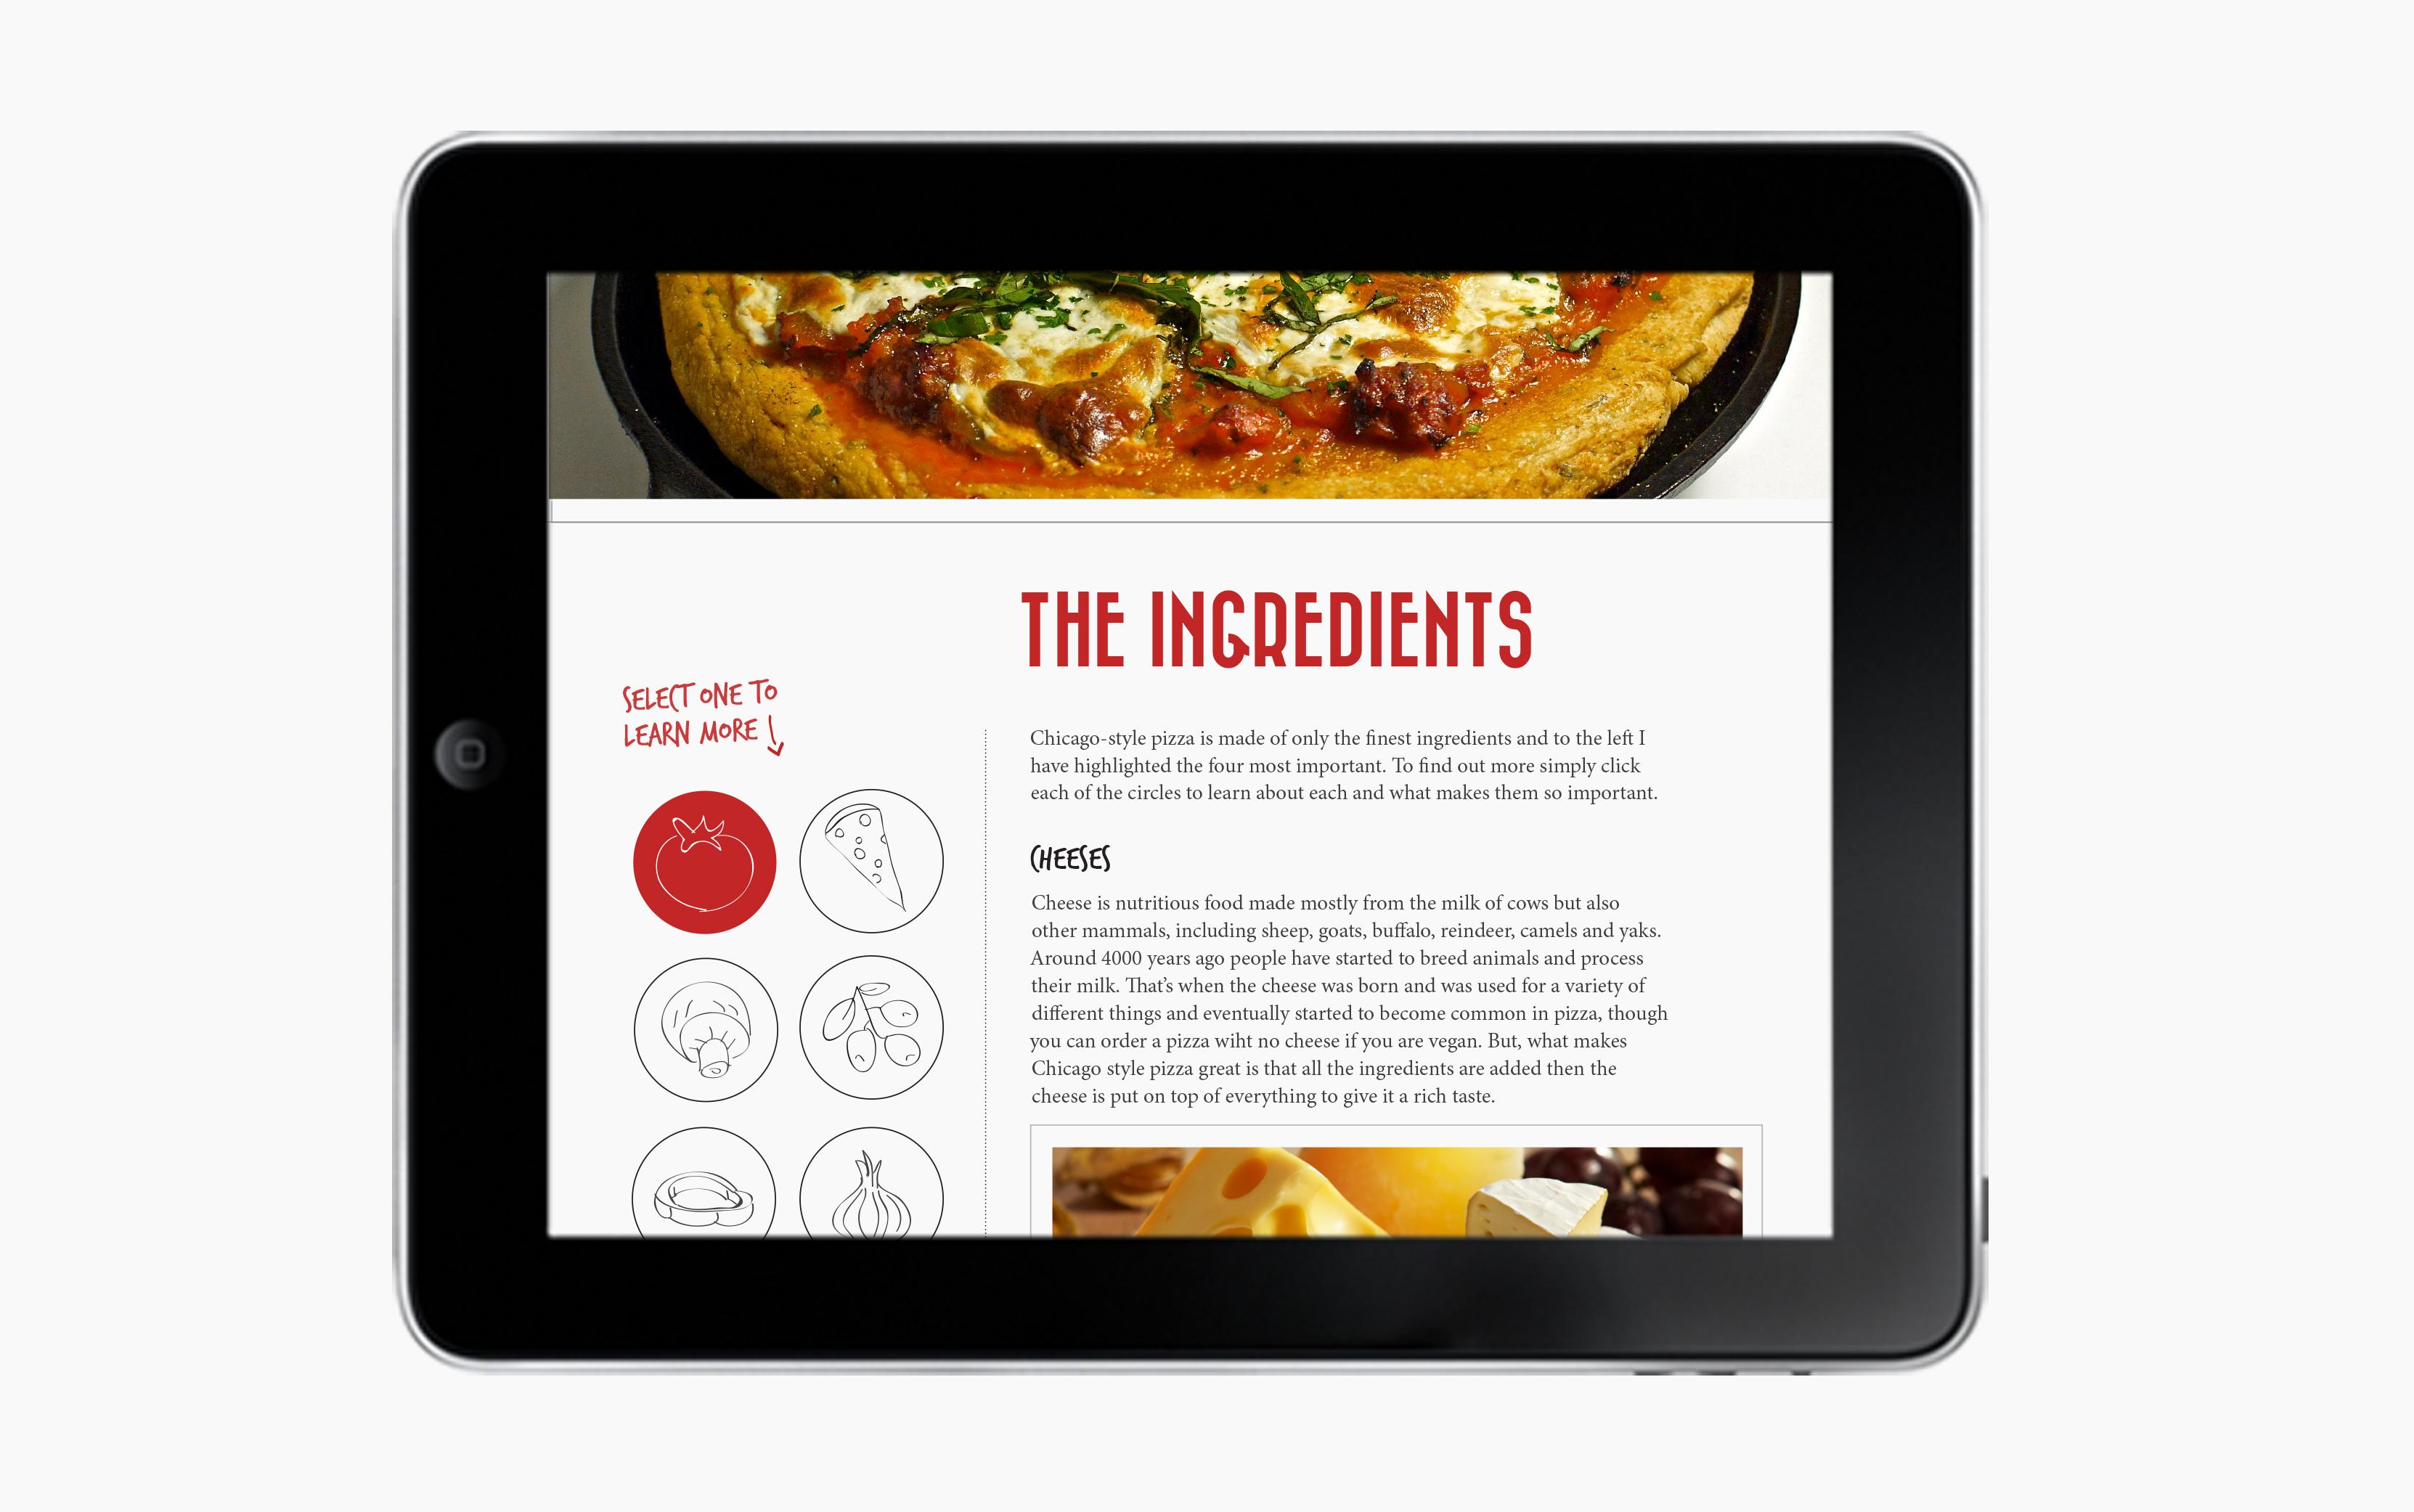 iPad Pizza Ingredients